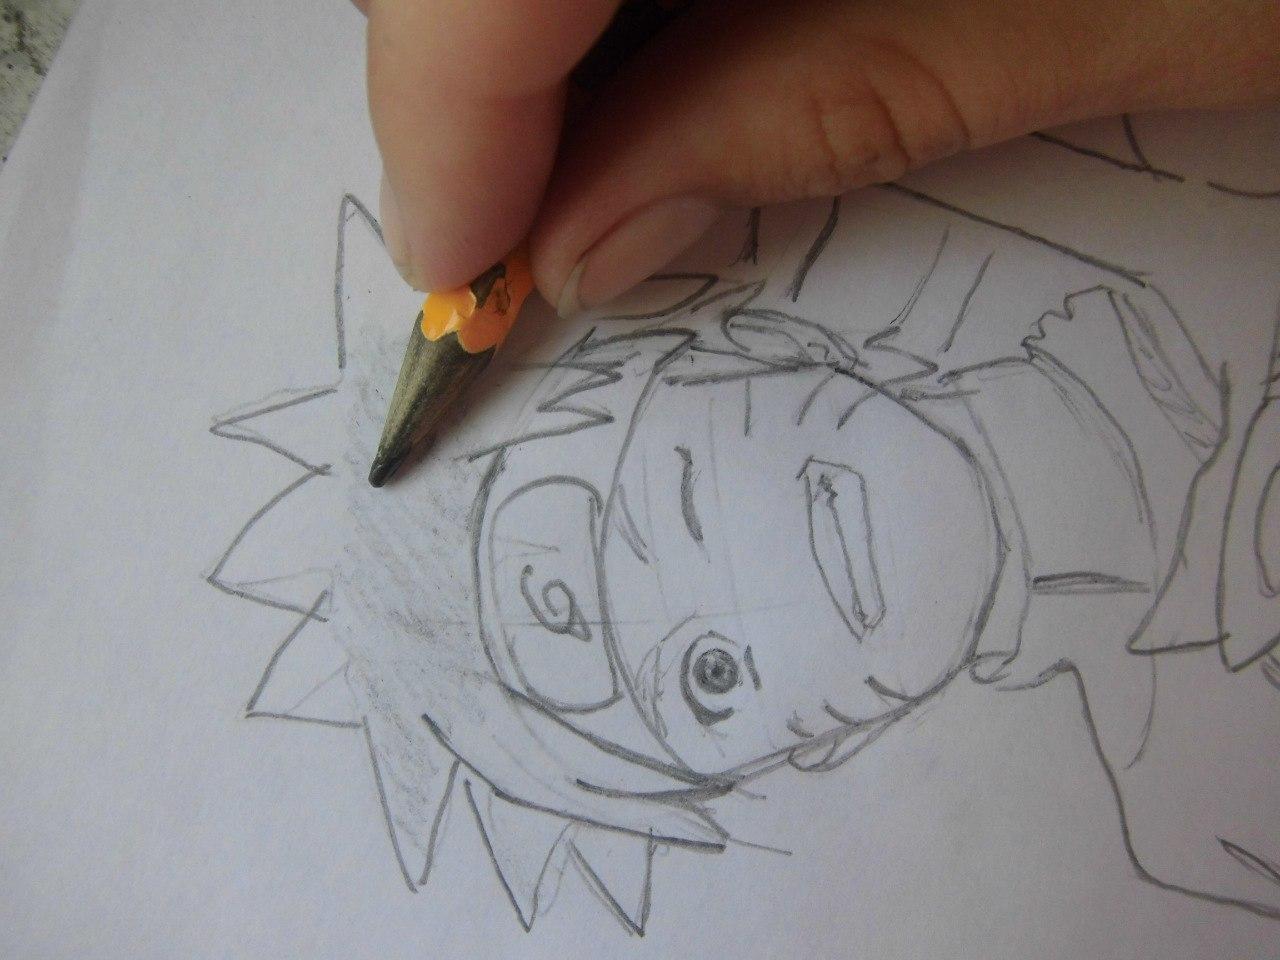 Рисуем Наруто с ножом - фото 6